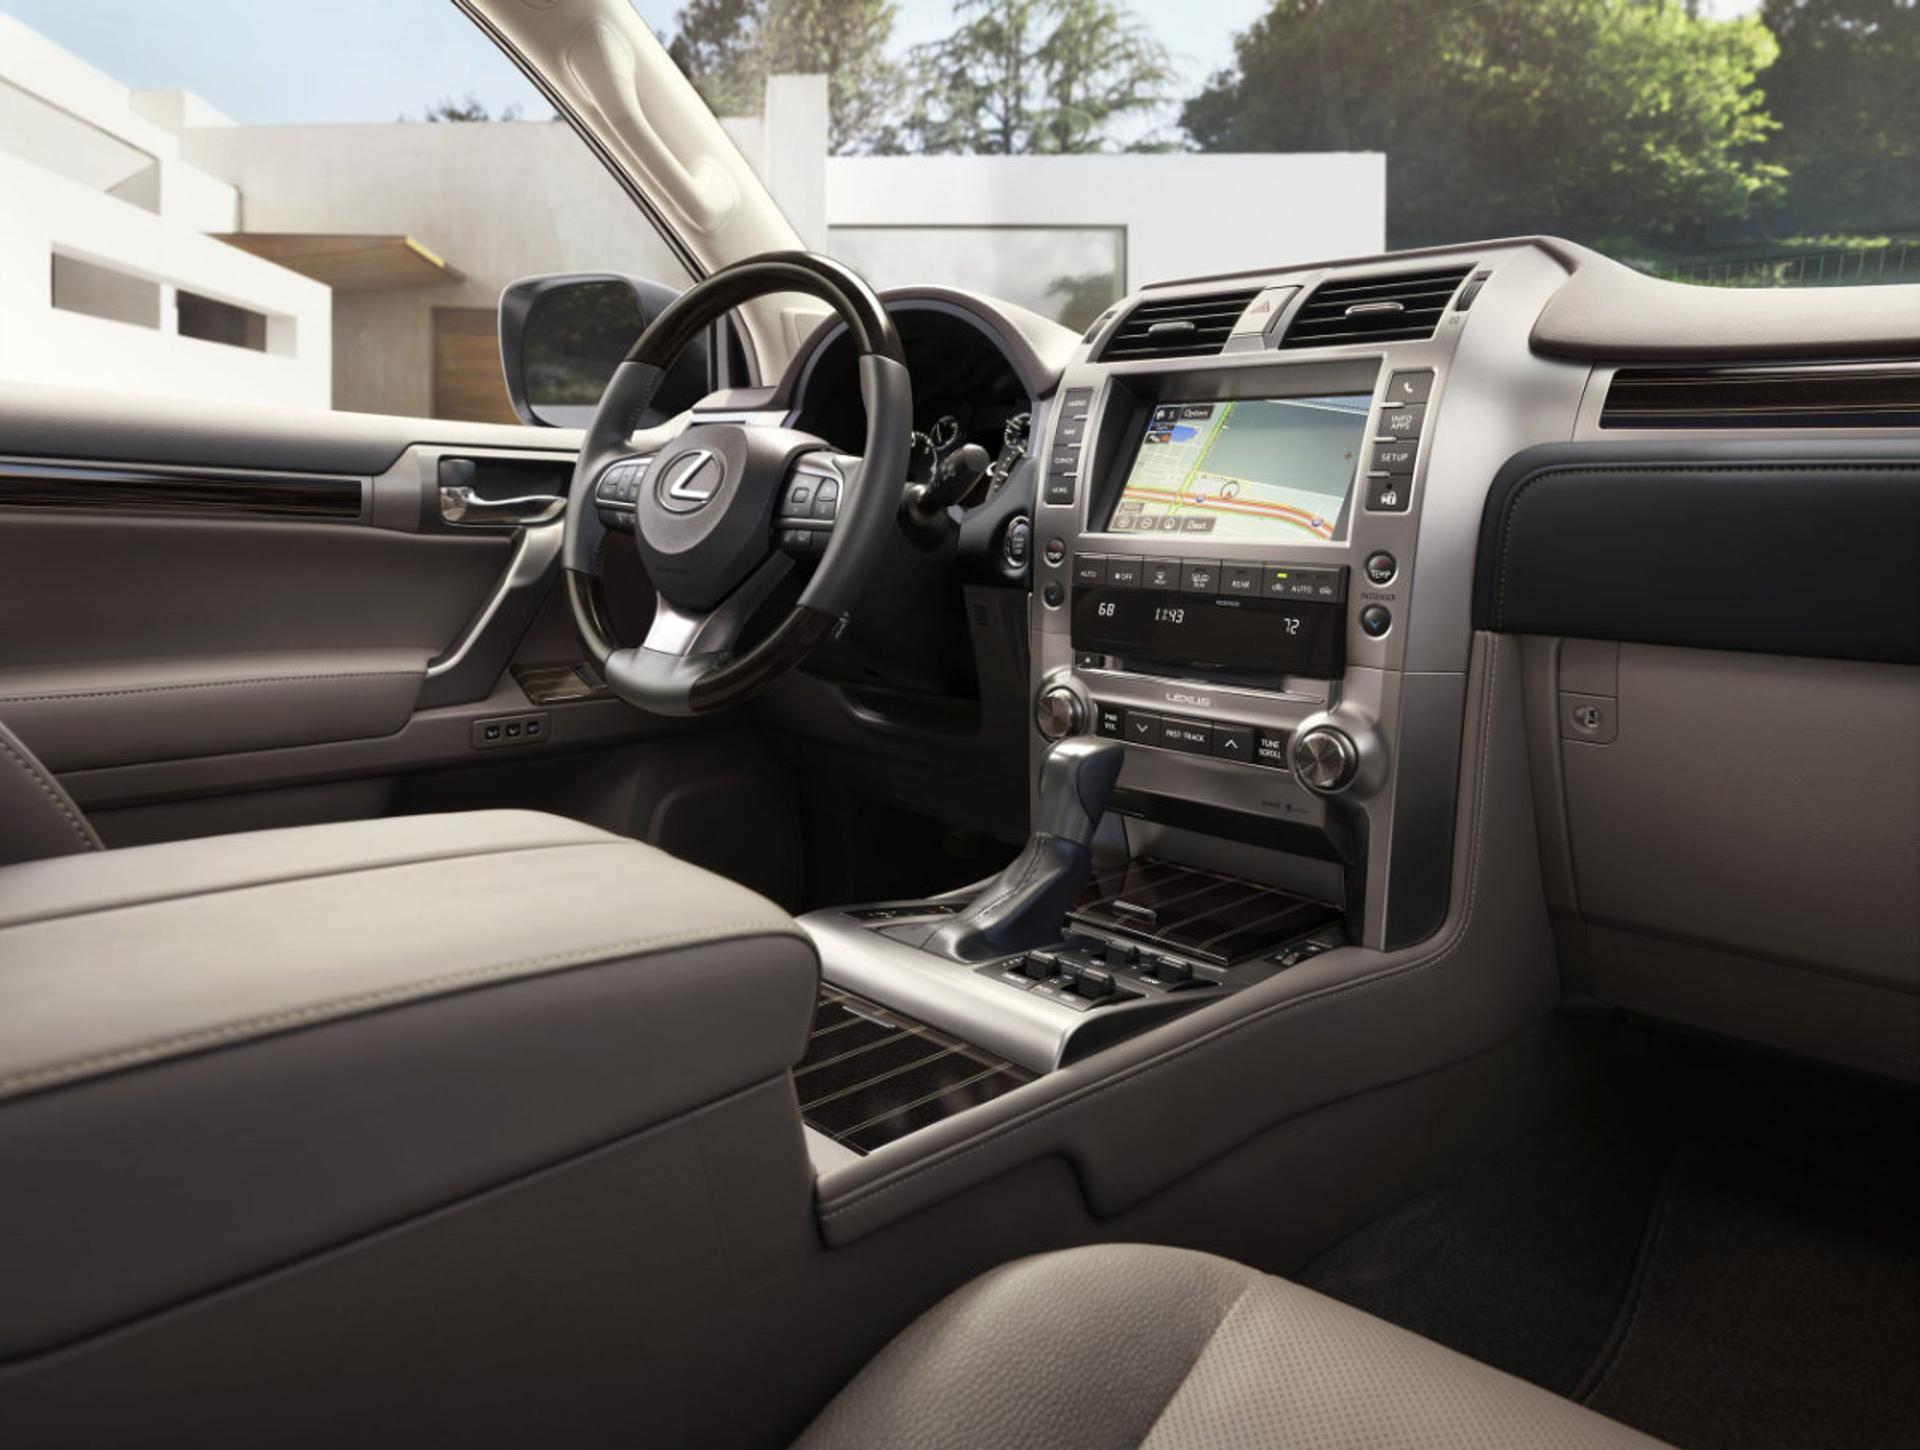 Lexus GX interior